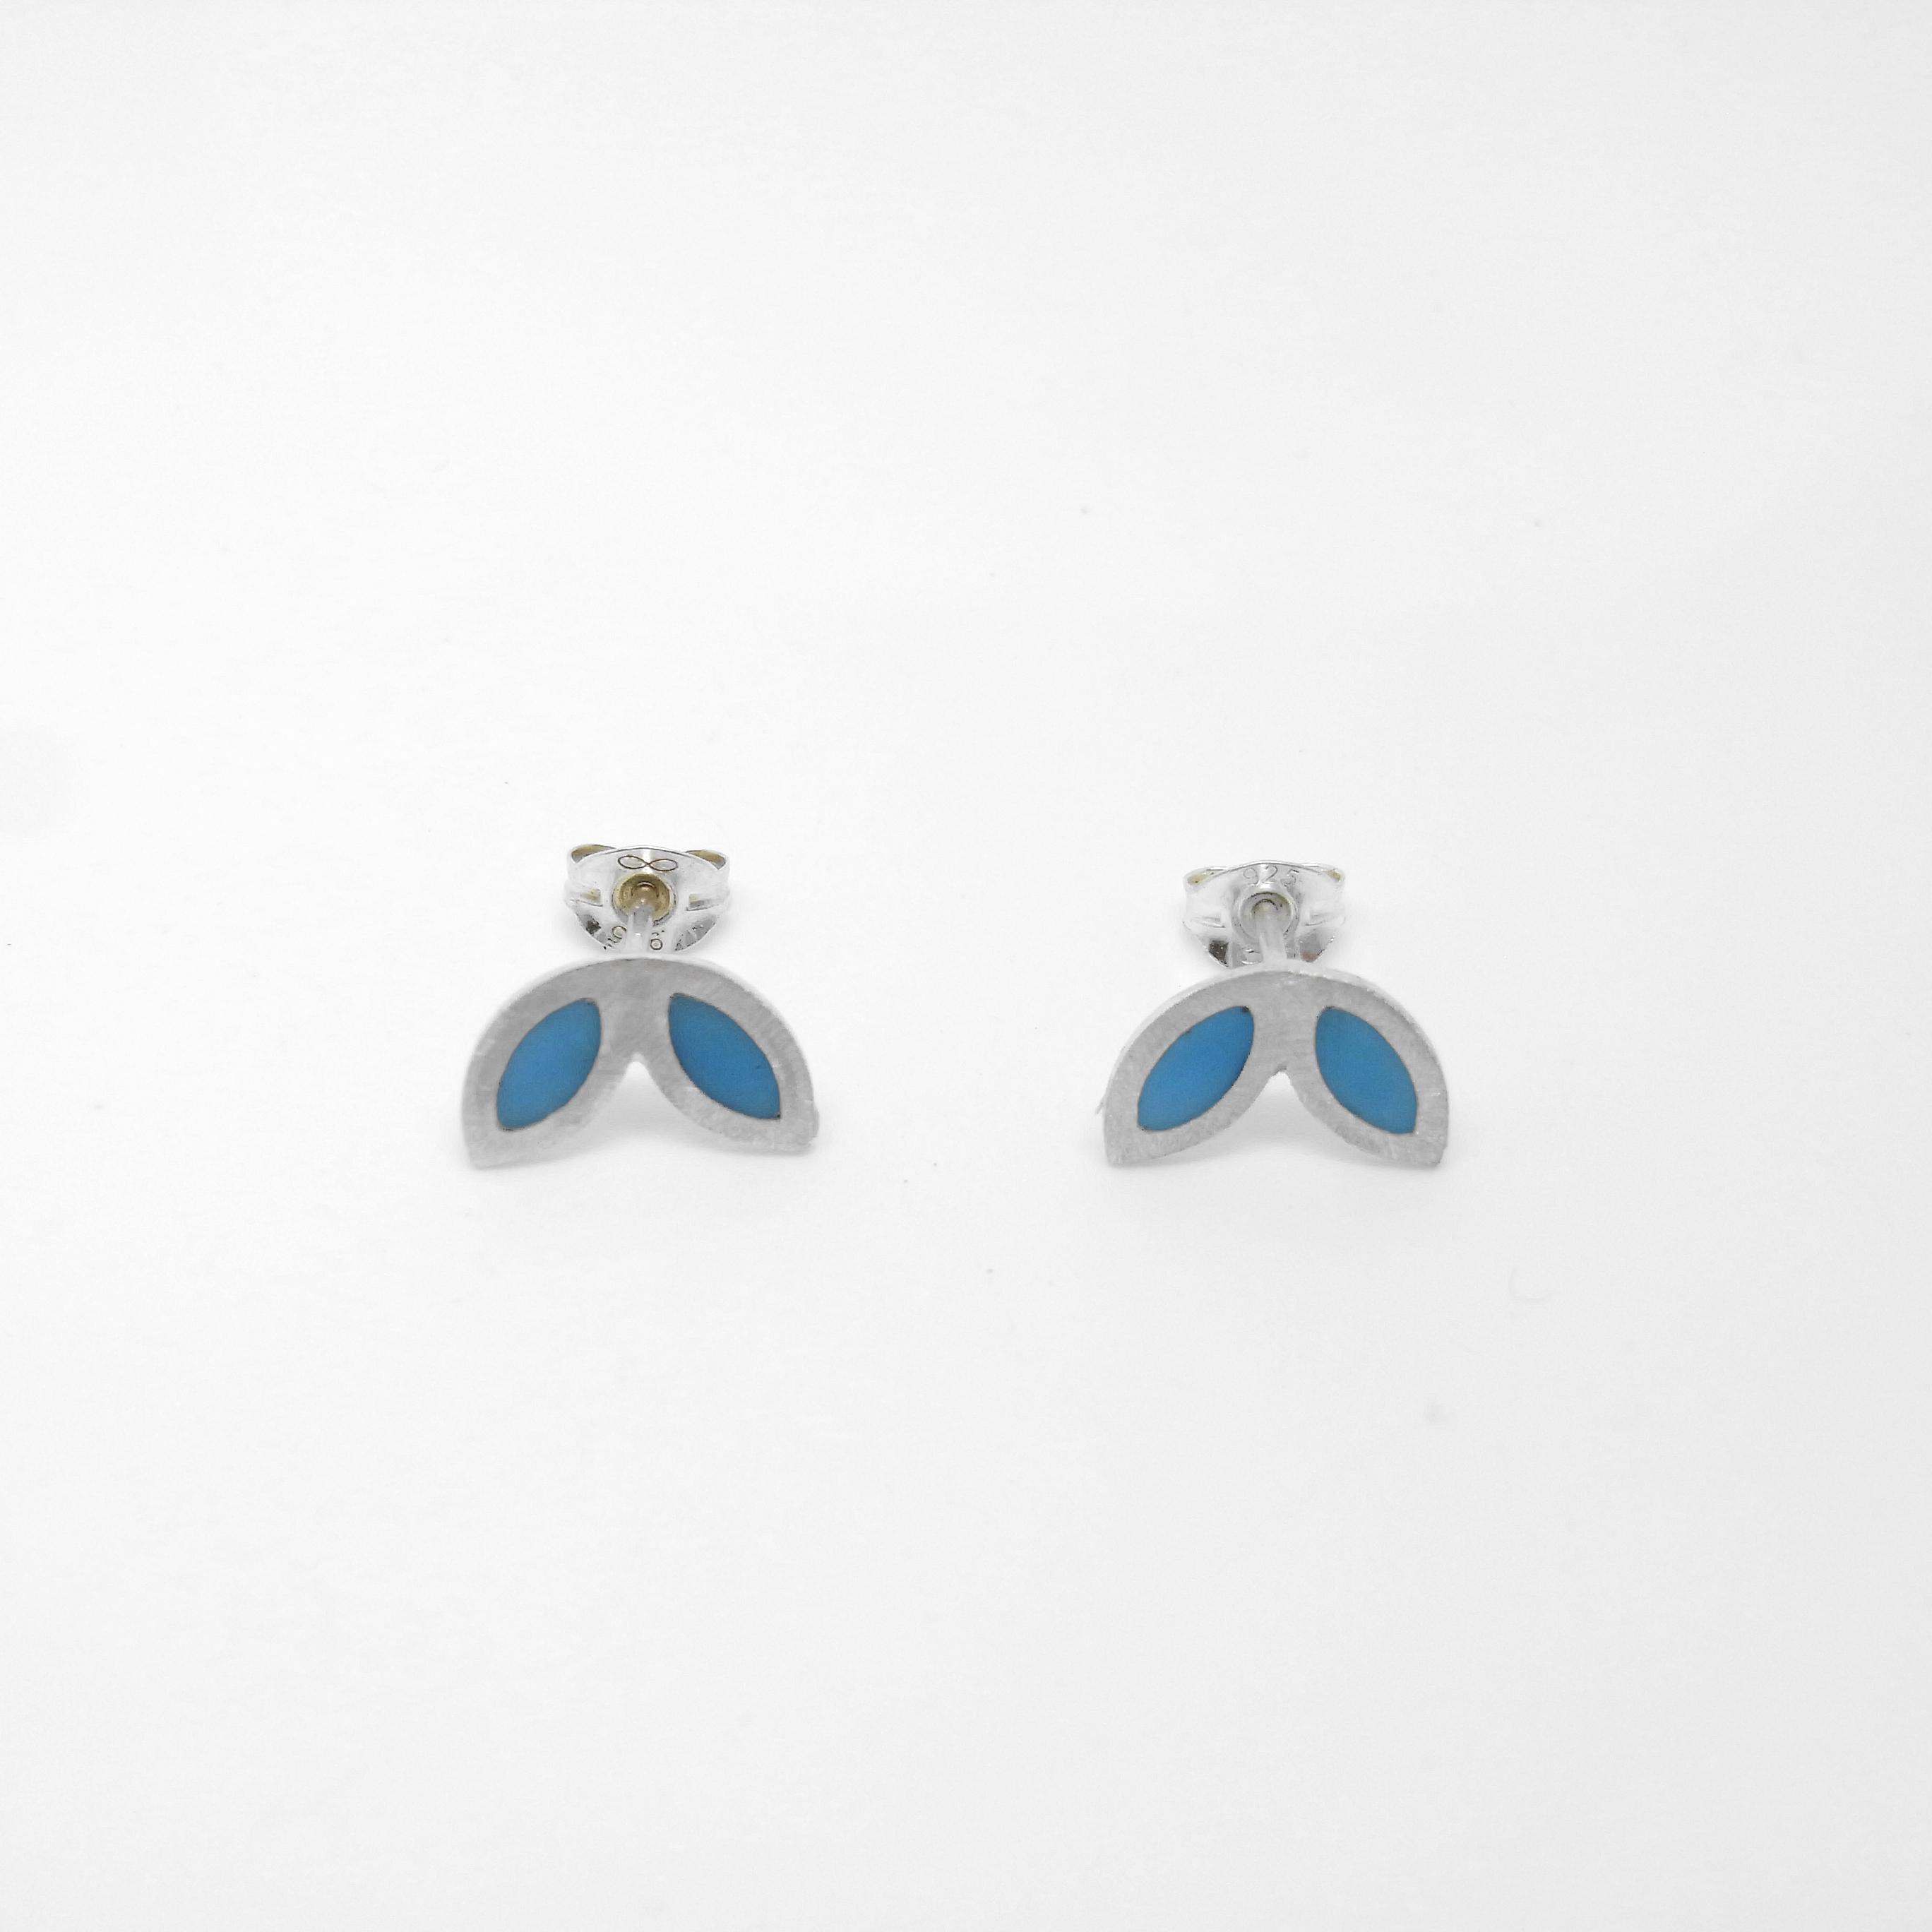 SALE - Silver Petal Studs - Blue